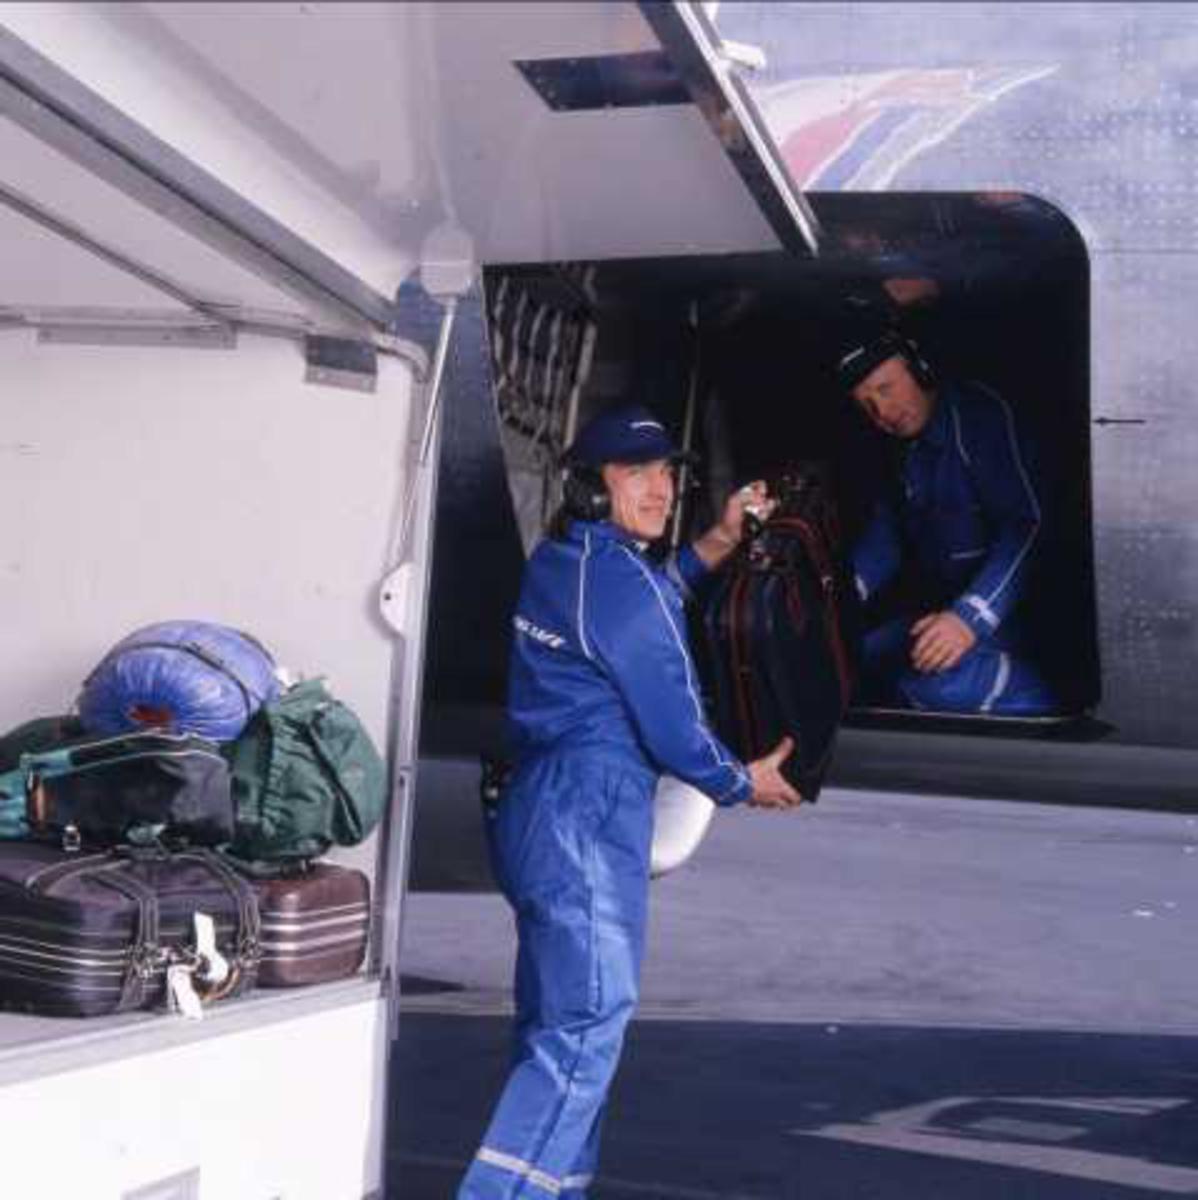 Ett fly på bakken. To personer, en inne i lasterom, en utenfor. Bagasje.